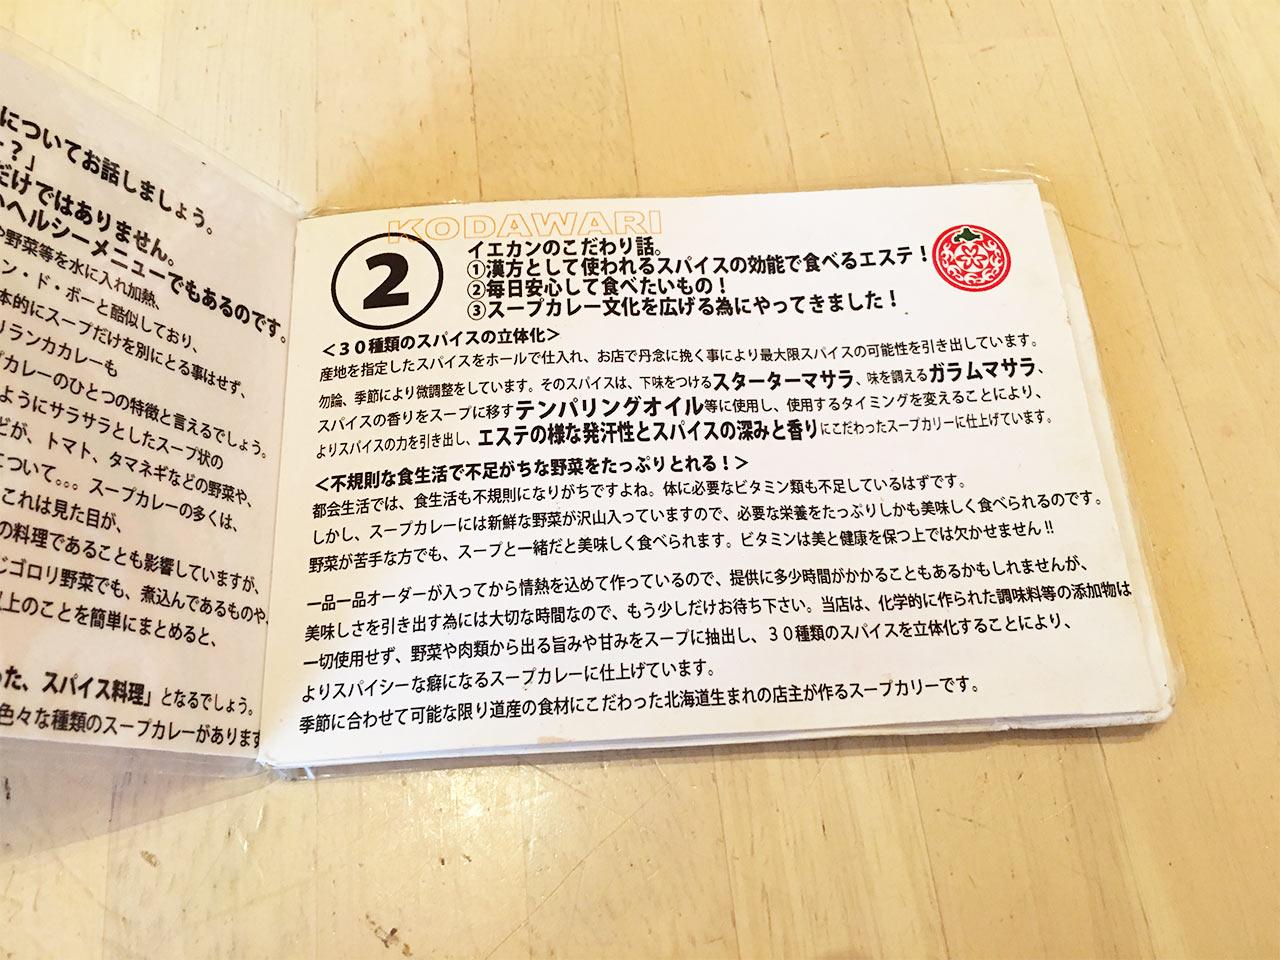 ebisu-yellow-company-torisetsu02